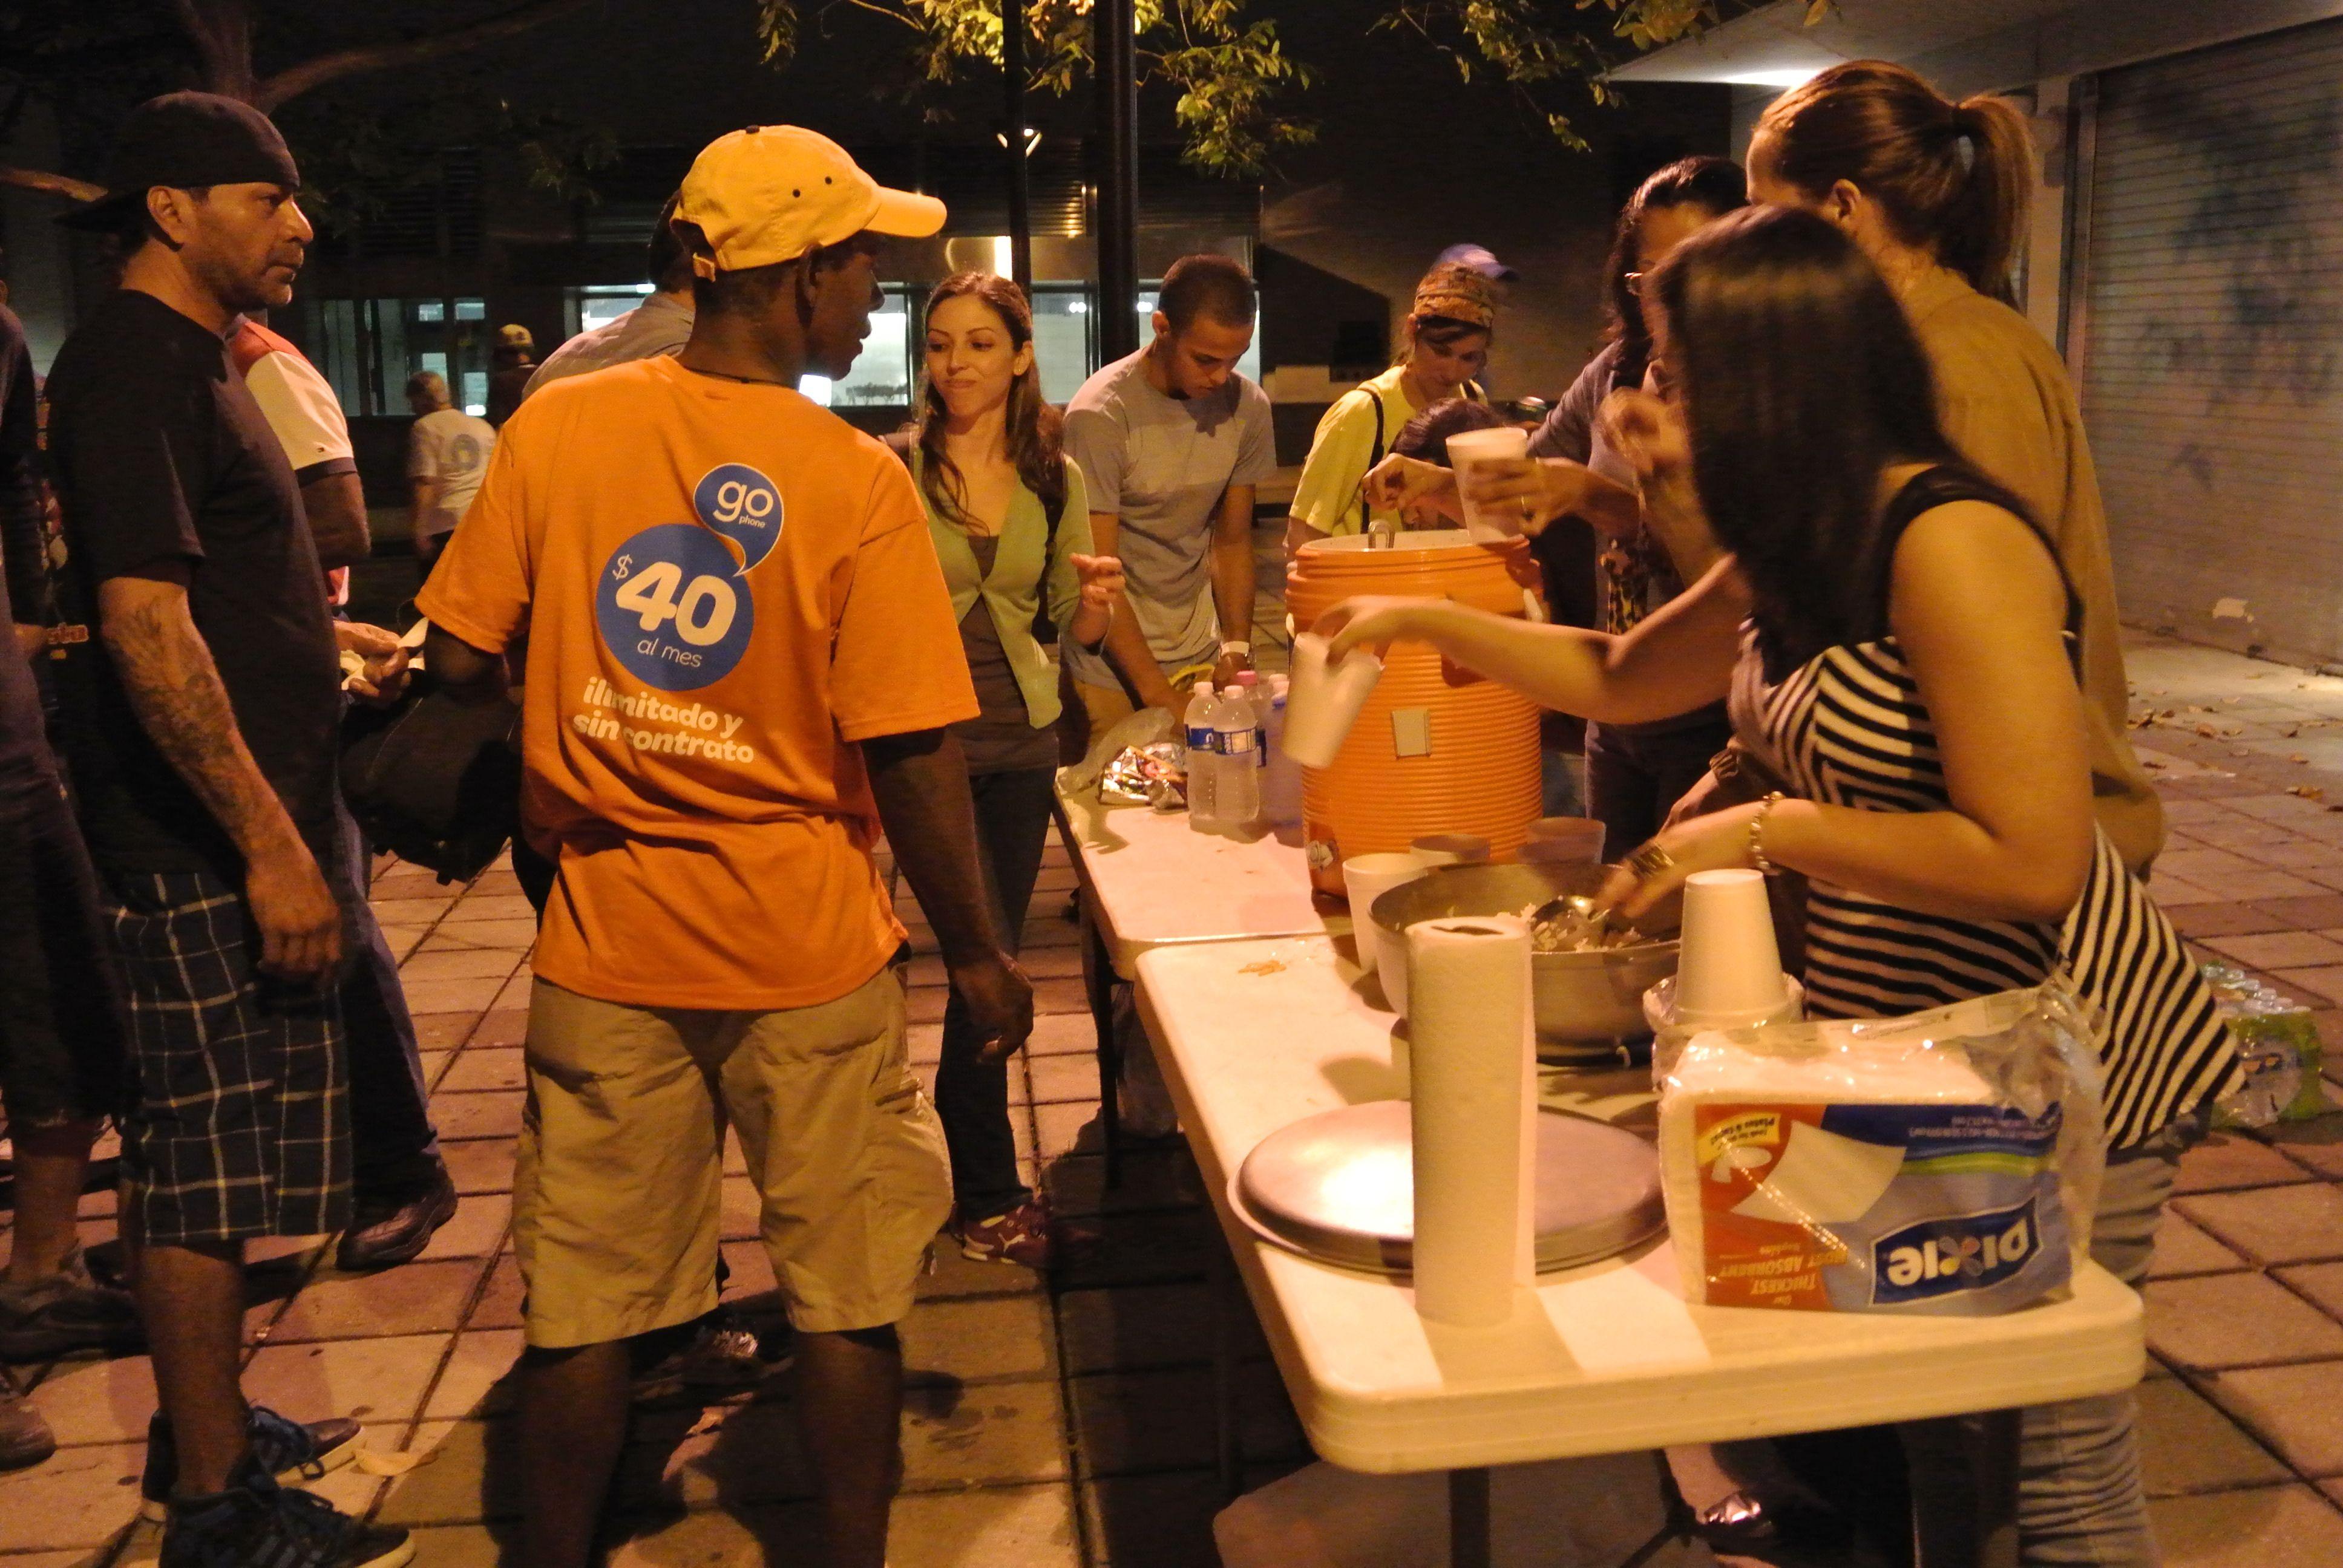 para mas información visitanos en www.mochilaspr.org